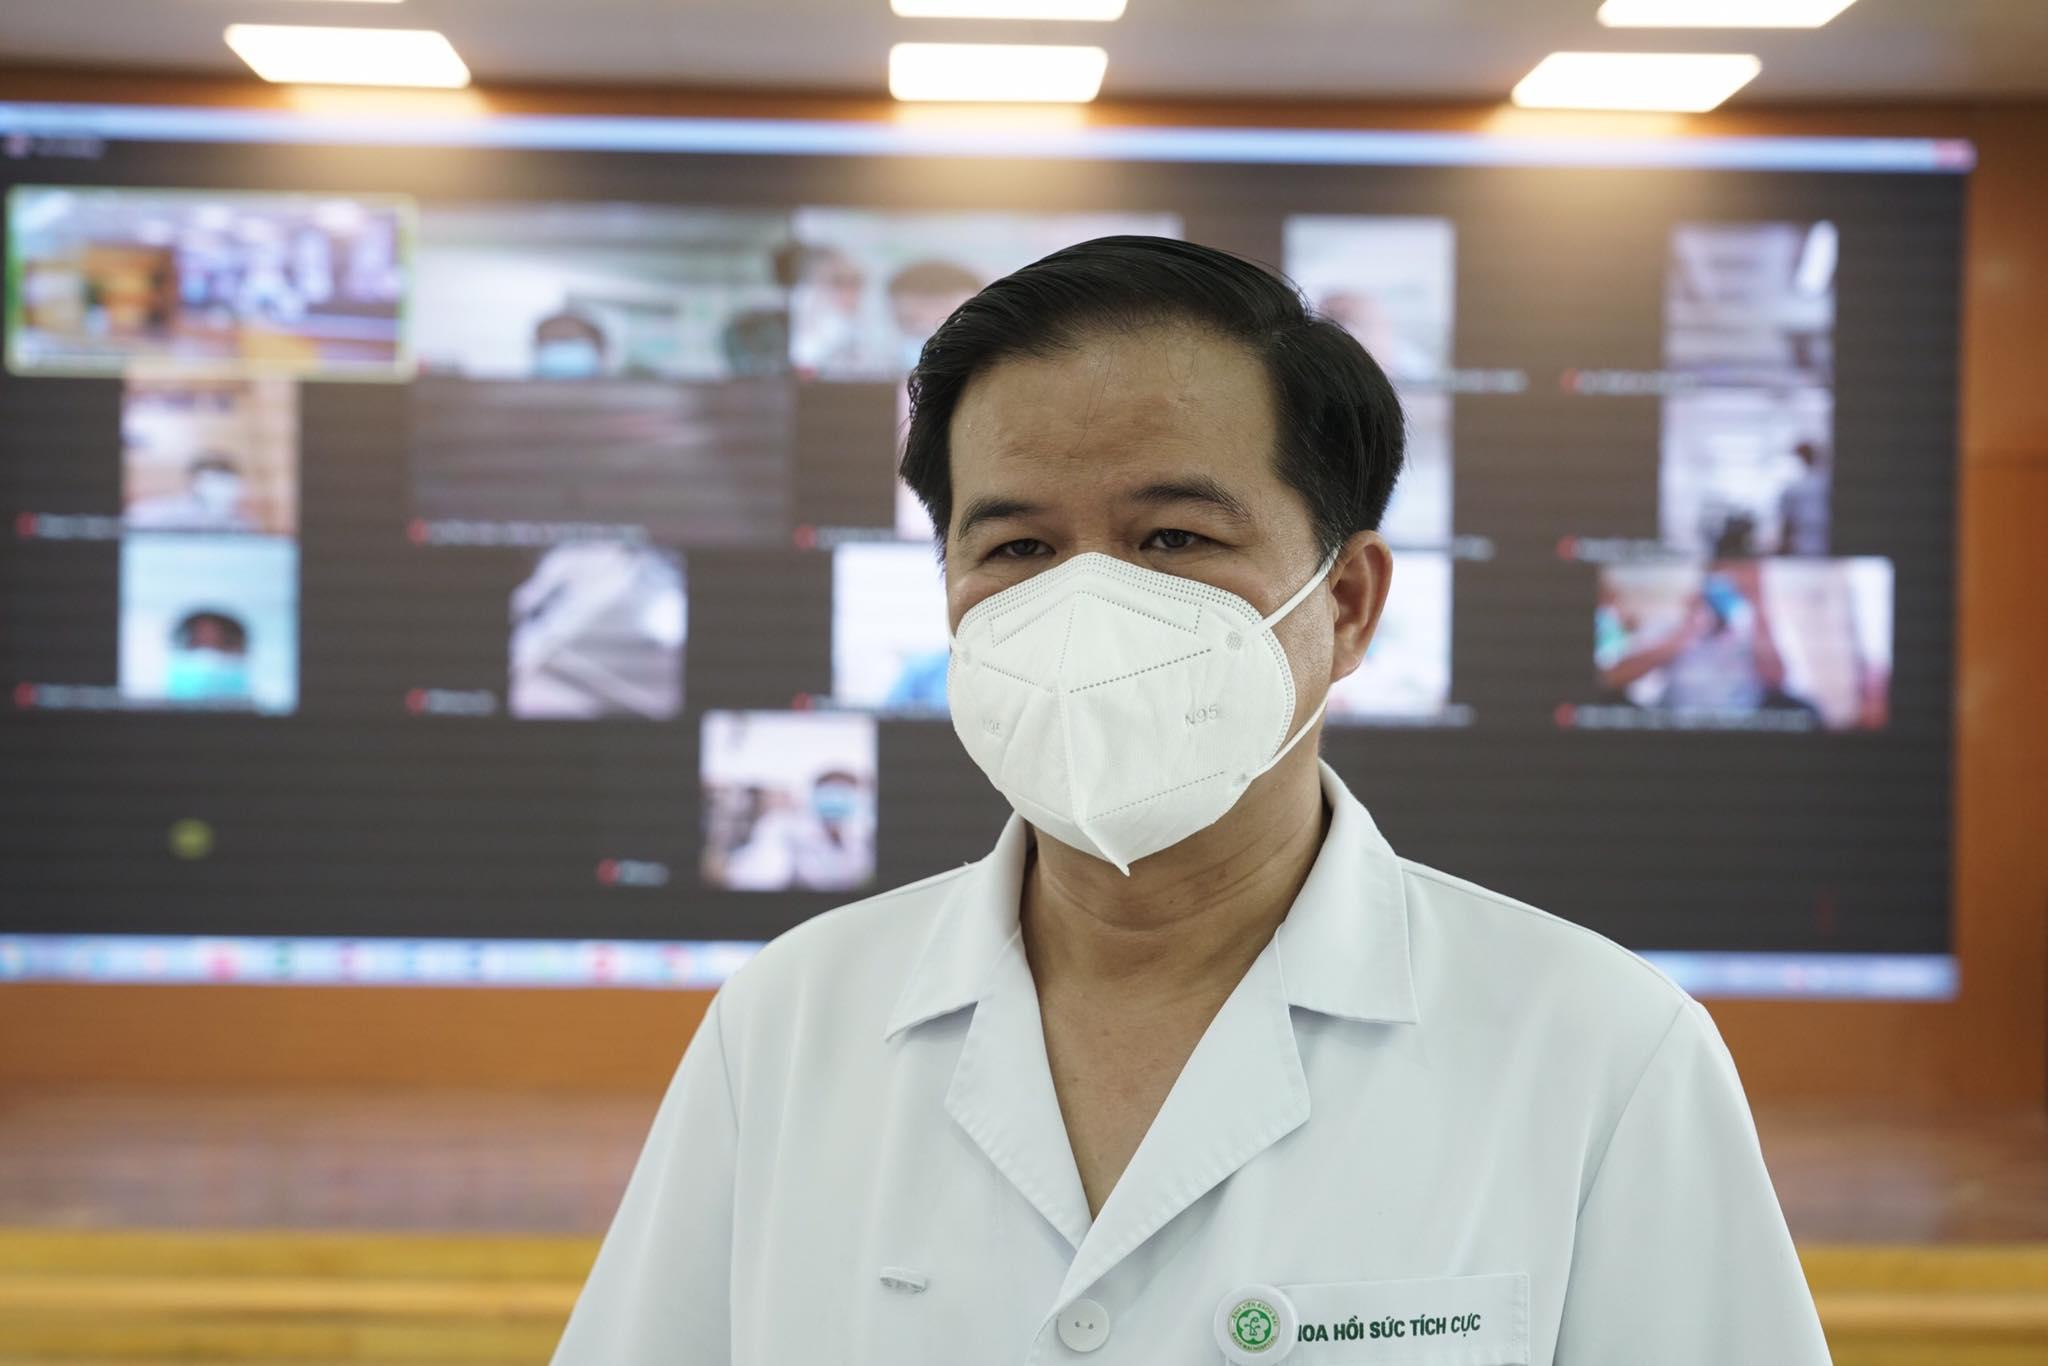 Phó giáo sư Đào Xuân Cơ, Phó giám đốc Bệnh viện Bạch Mai. Ảnh: Thế Anh.